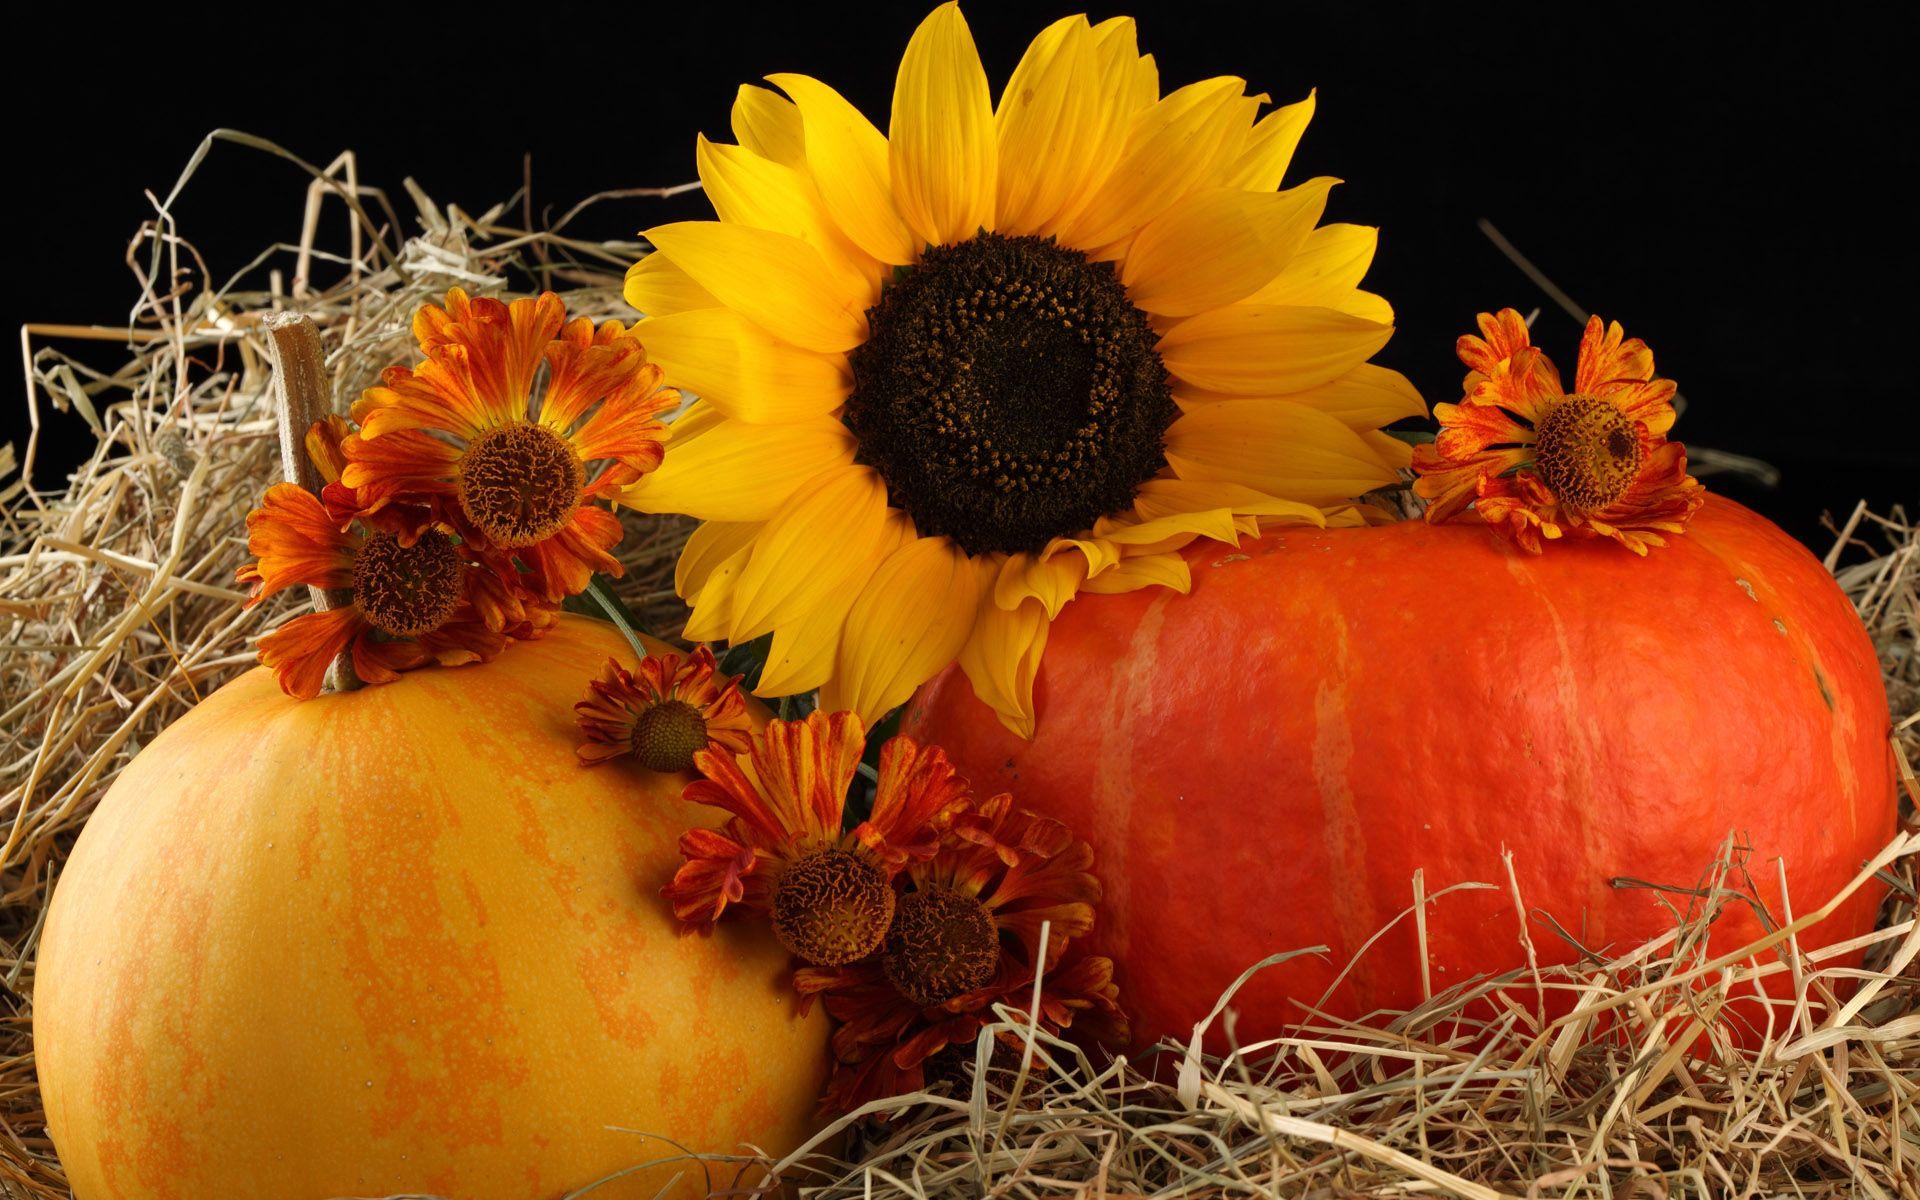 Autumn Love Sunflowers Pinterest